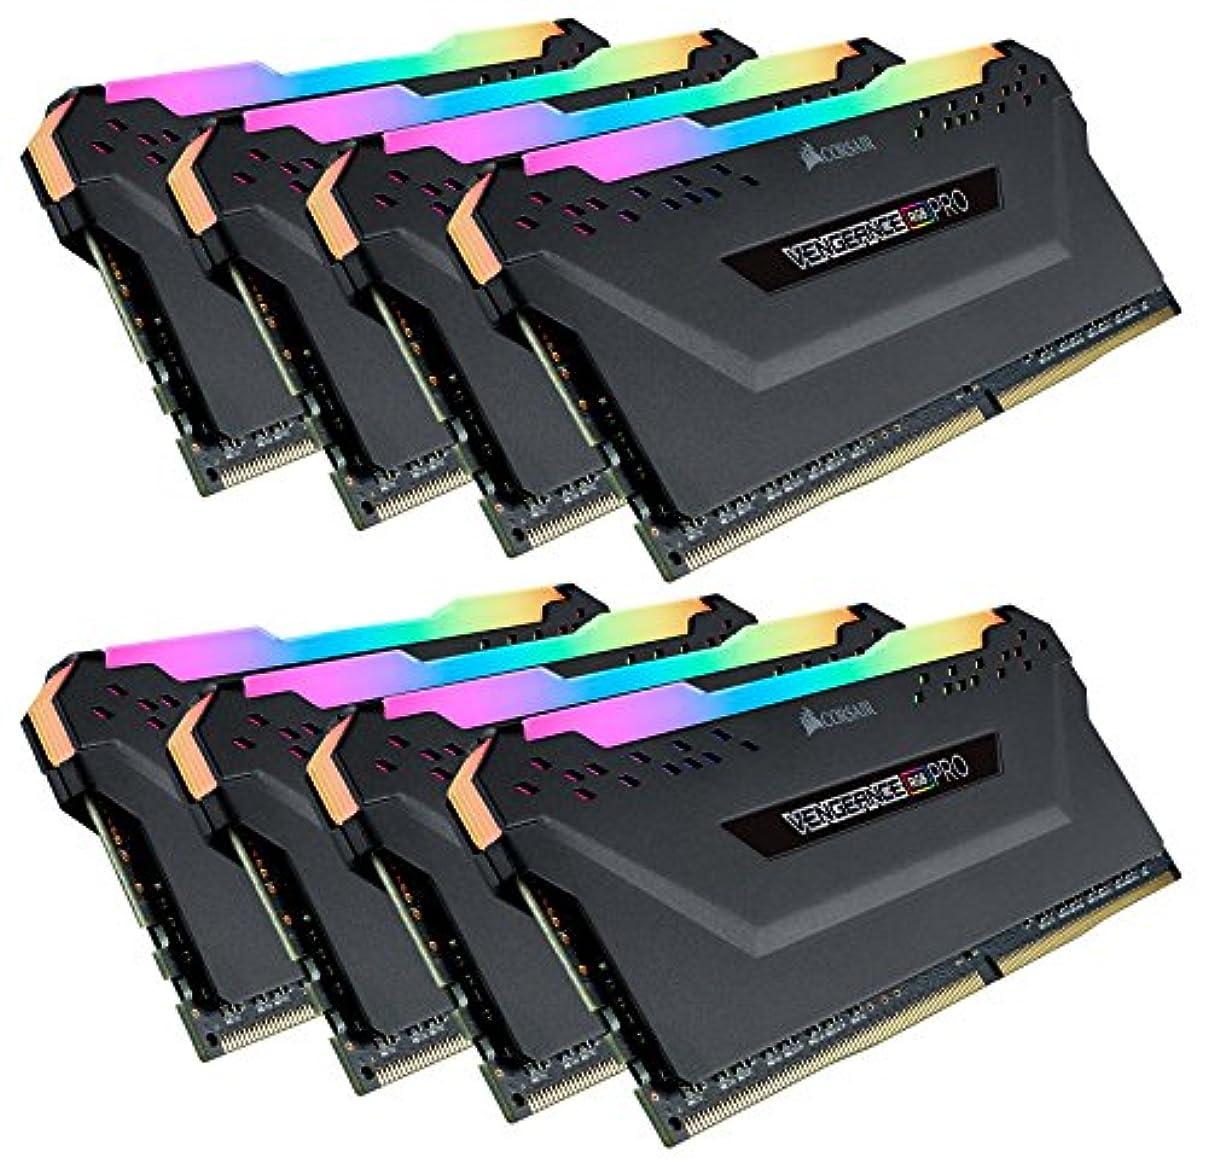 宇宙飛行士試験付き添い人CORSAIR DDR4-3600MHz デスクトップPC用 メモリ VENGEANCE RGB PRO シリーズ 128GB [16GB×8枚] CMW128GX4M8X3600C18